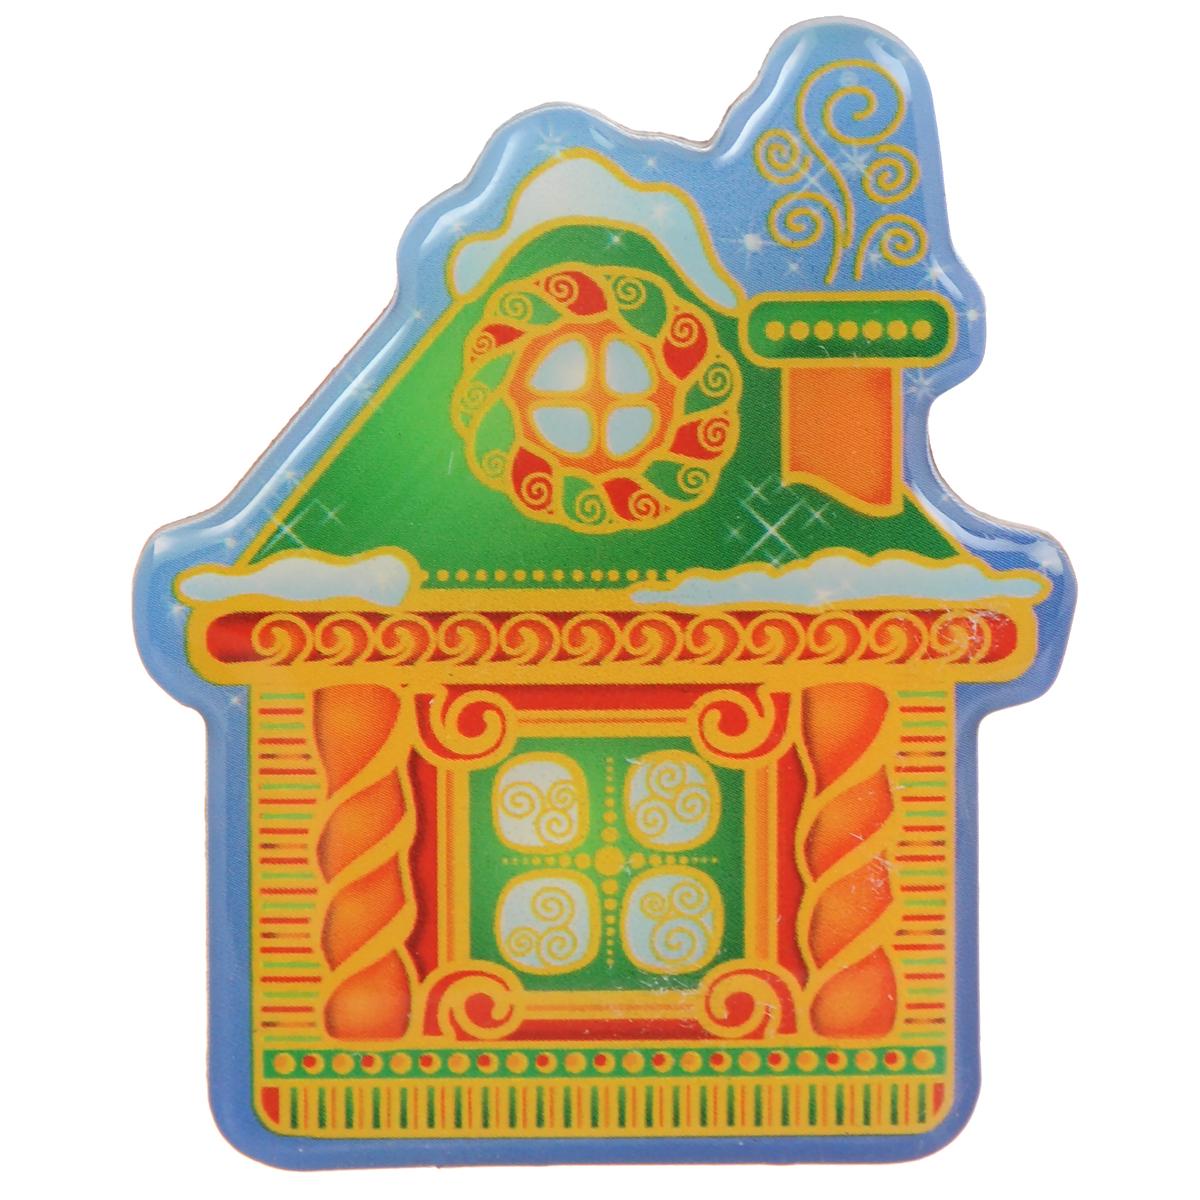 Декоративный магнит Домик, 5,5 см х 6,5 см. 3154031540Декоративный магнит Домик изготовлен из агломерированного феррита. Изделие выполнено в виде домика. Коллекция декоративных украшений из серии Magic Time принесет в ваш дом ни с чем несравнимое ощущение волшебства! Материал: агломерированный феррит.